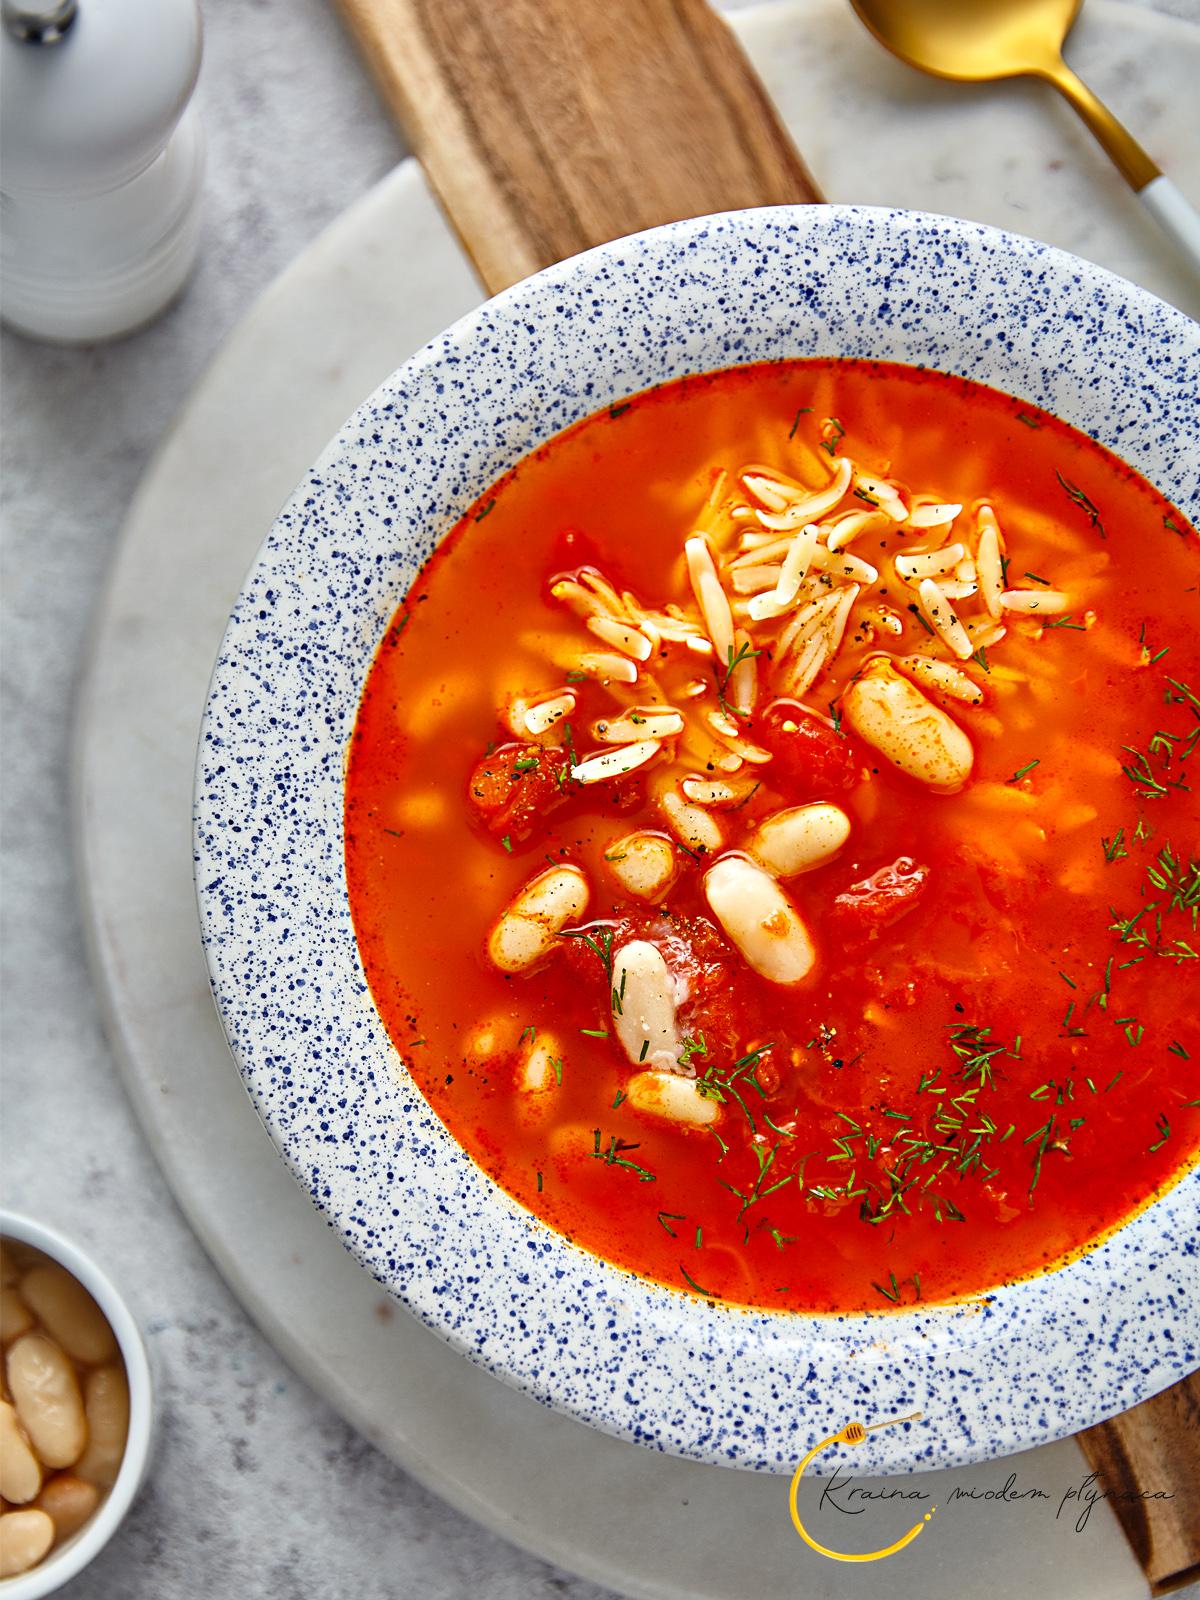 zupa pomidorowa ze świeżych pomidorów, zupa ze świeżymi pomidorami, pomidorówka z pomidorów, kraina miodem płynąca, fotografia kulinarna szczecin, pomidorowa z fasolą